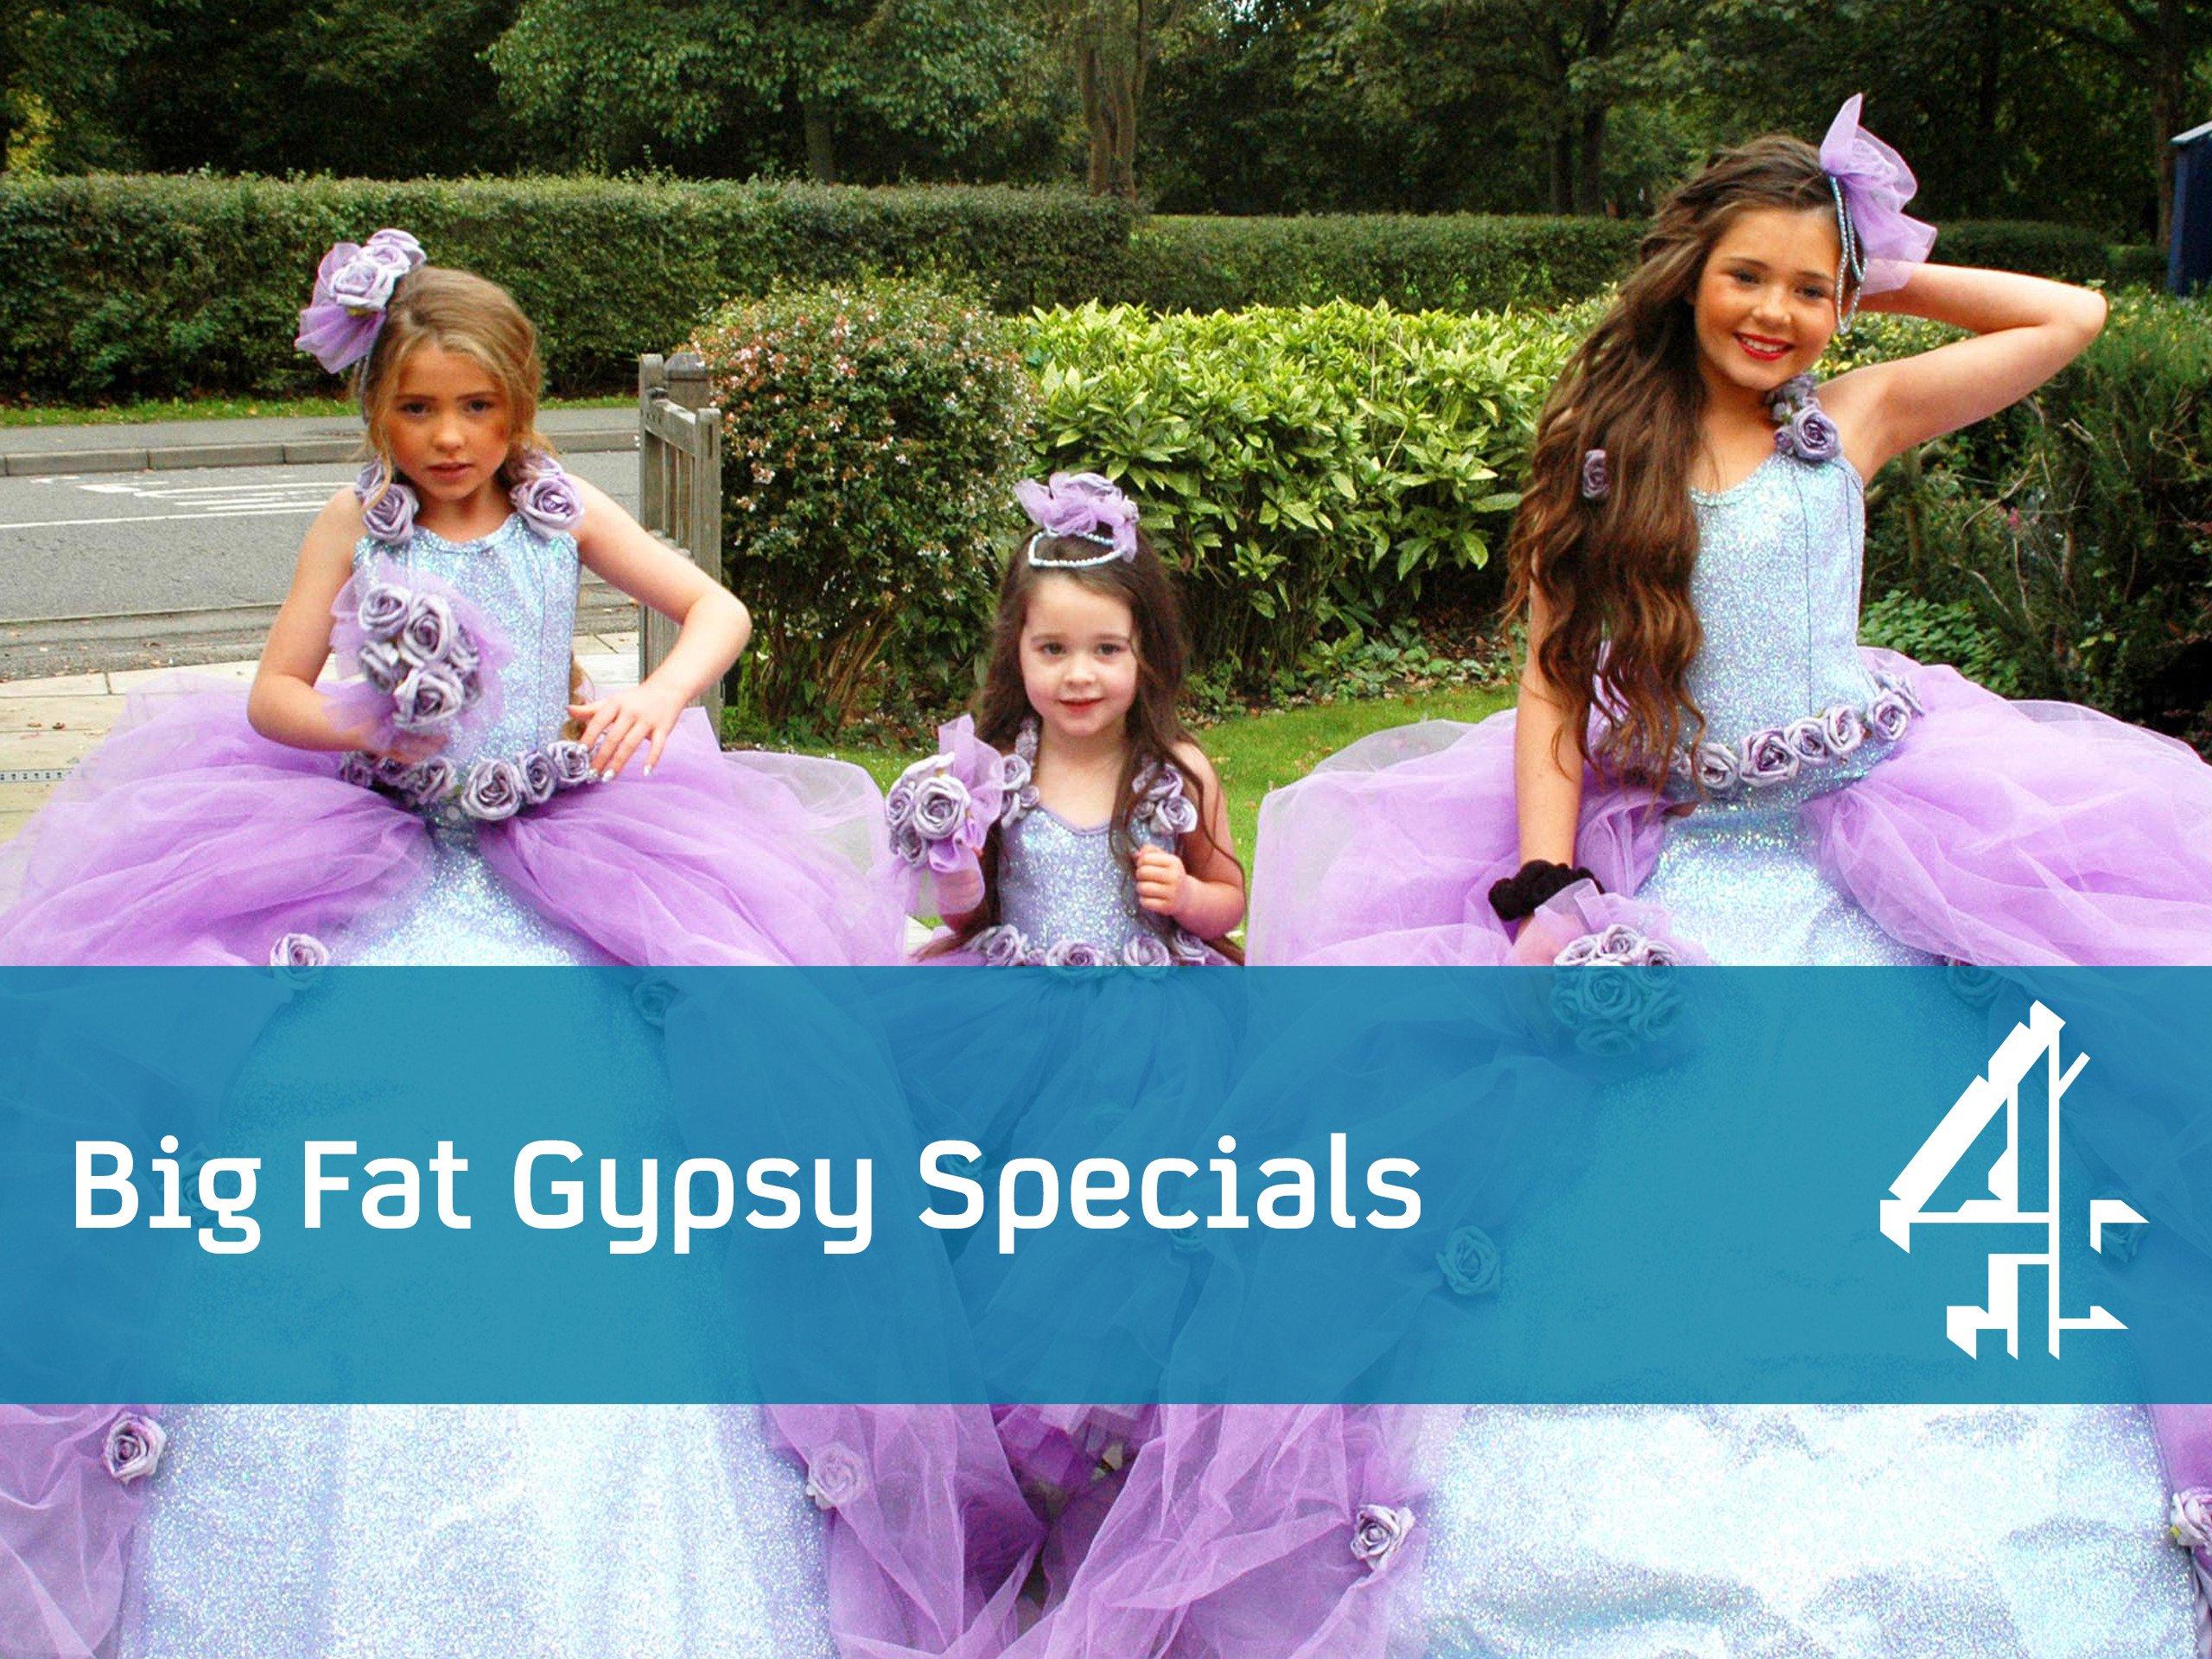 Watch My Big Fat Gypsy Specials Prime Video